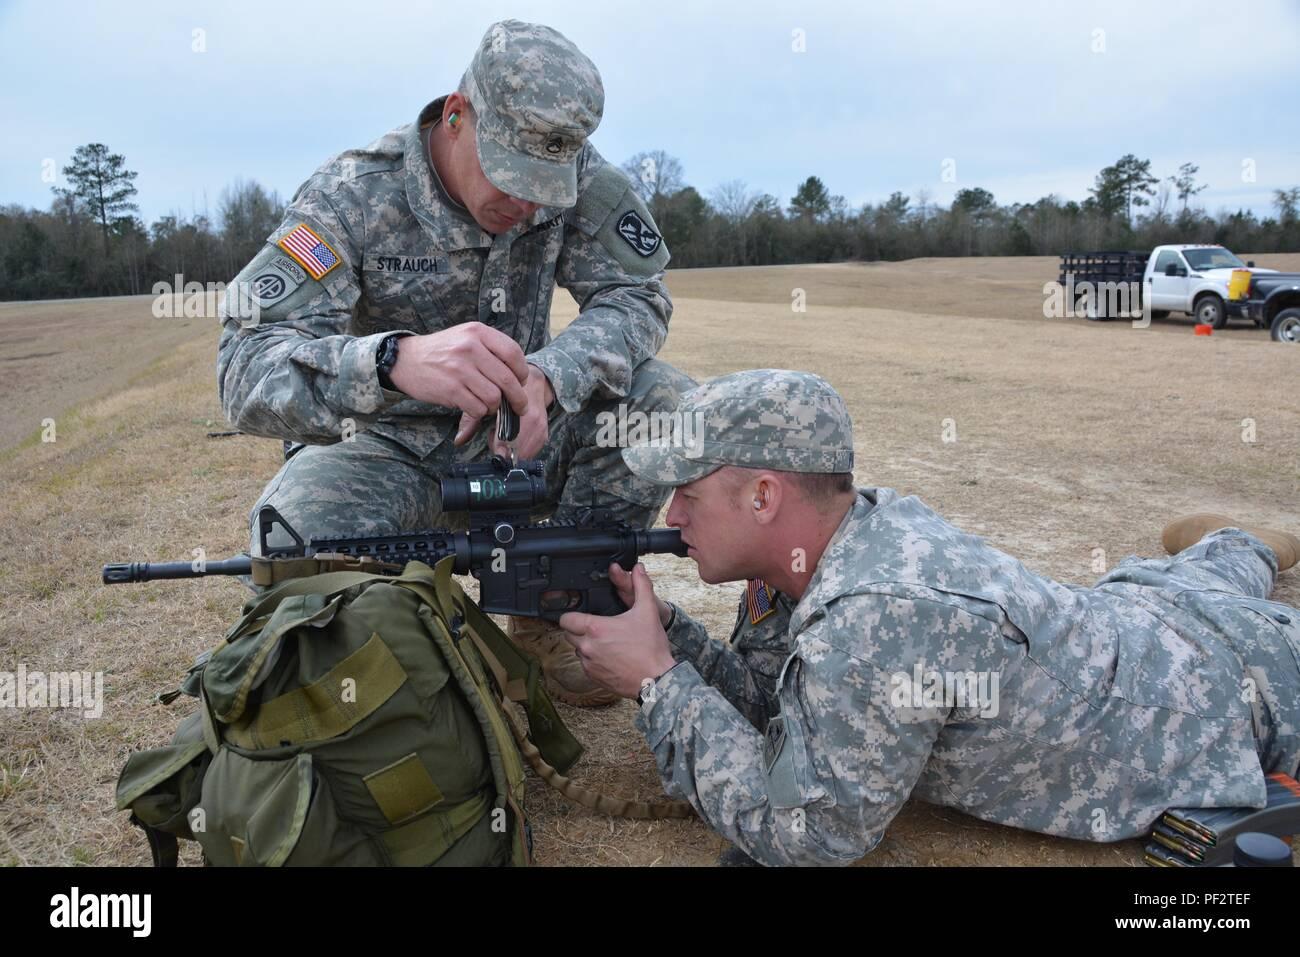 0367 Staff Sgt Joel Strauch 1st Battalion 19th Infantry 198th